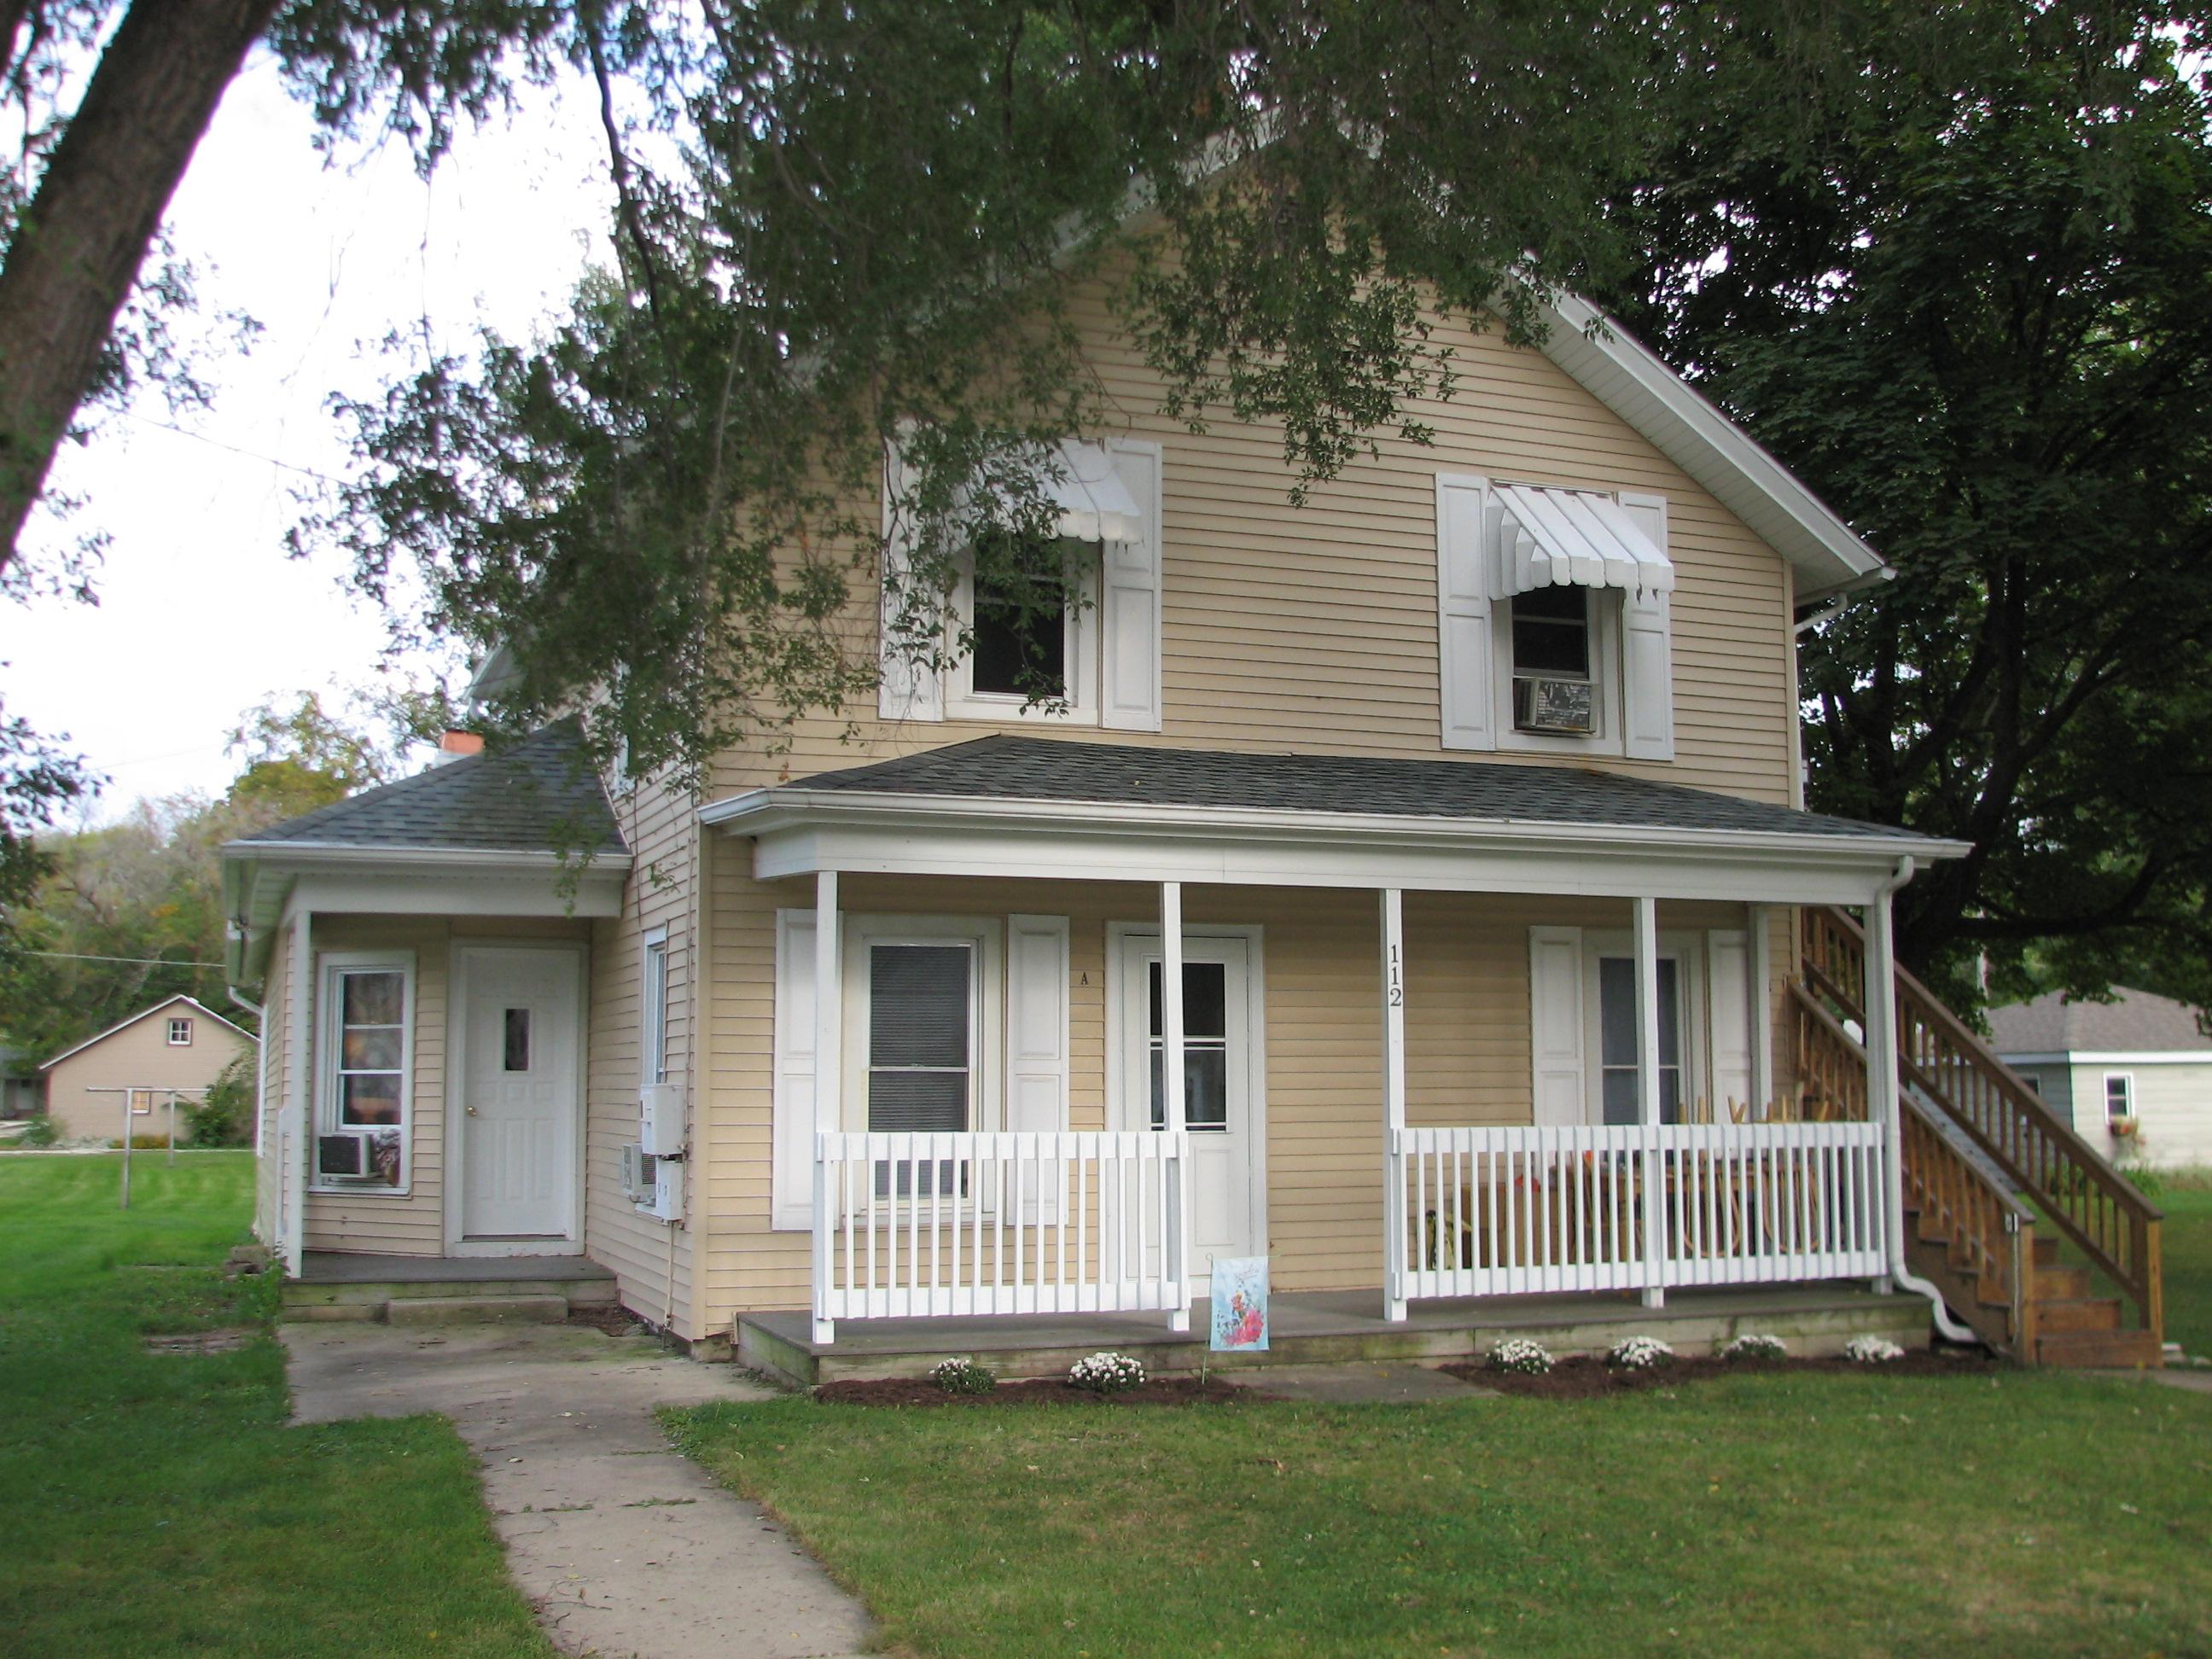 112 N. Elm St., Gardner, Illinois 60424